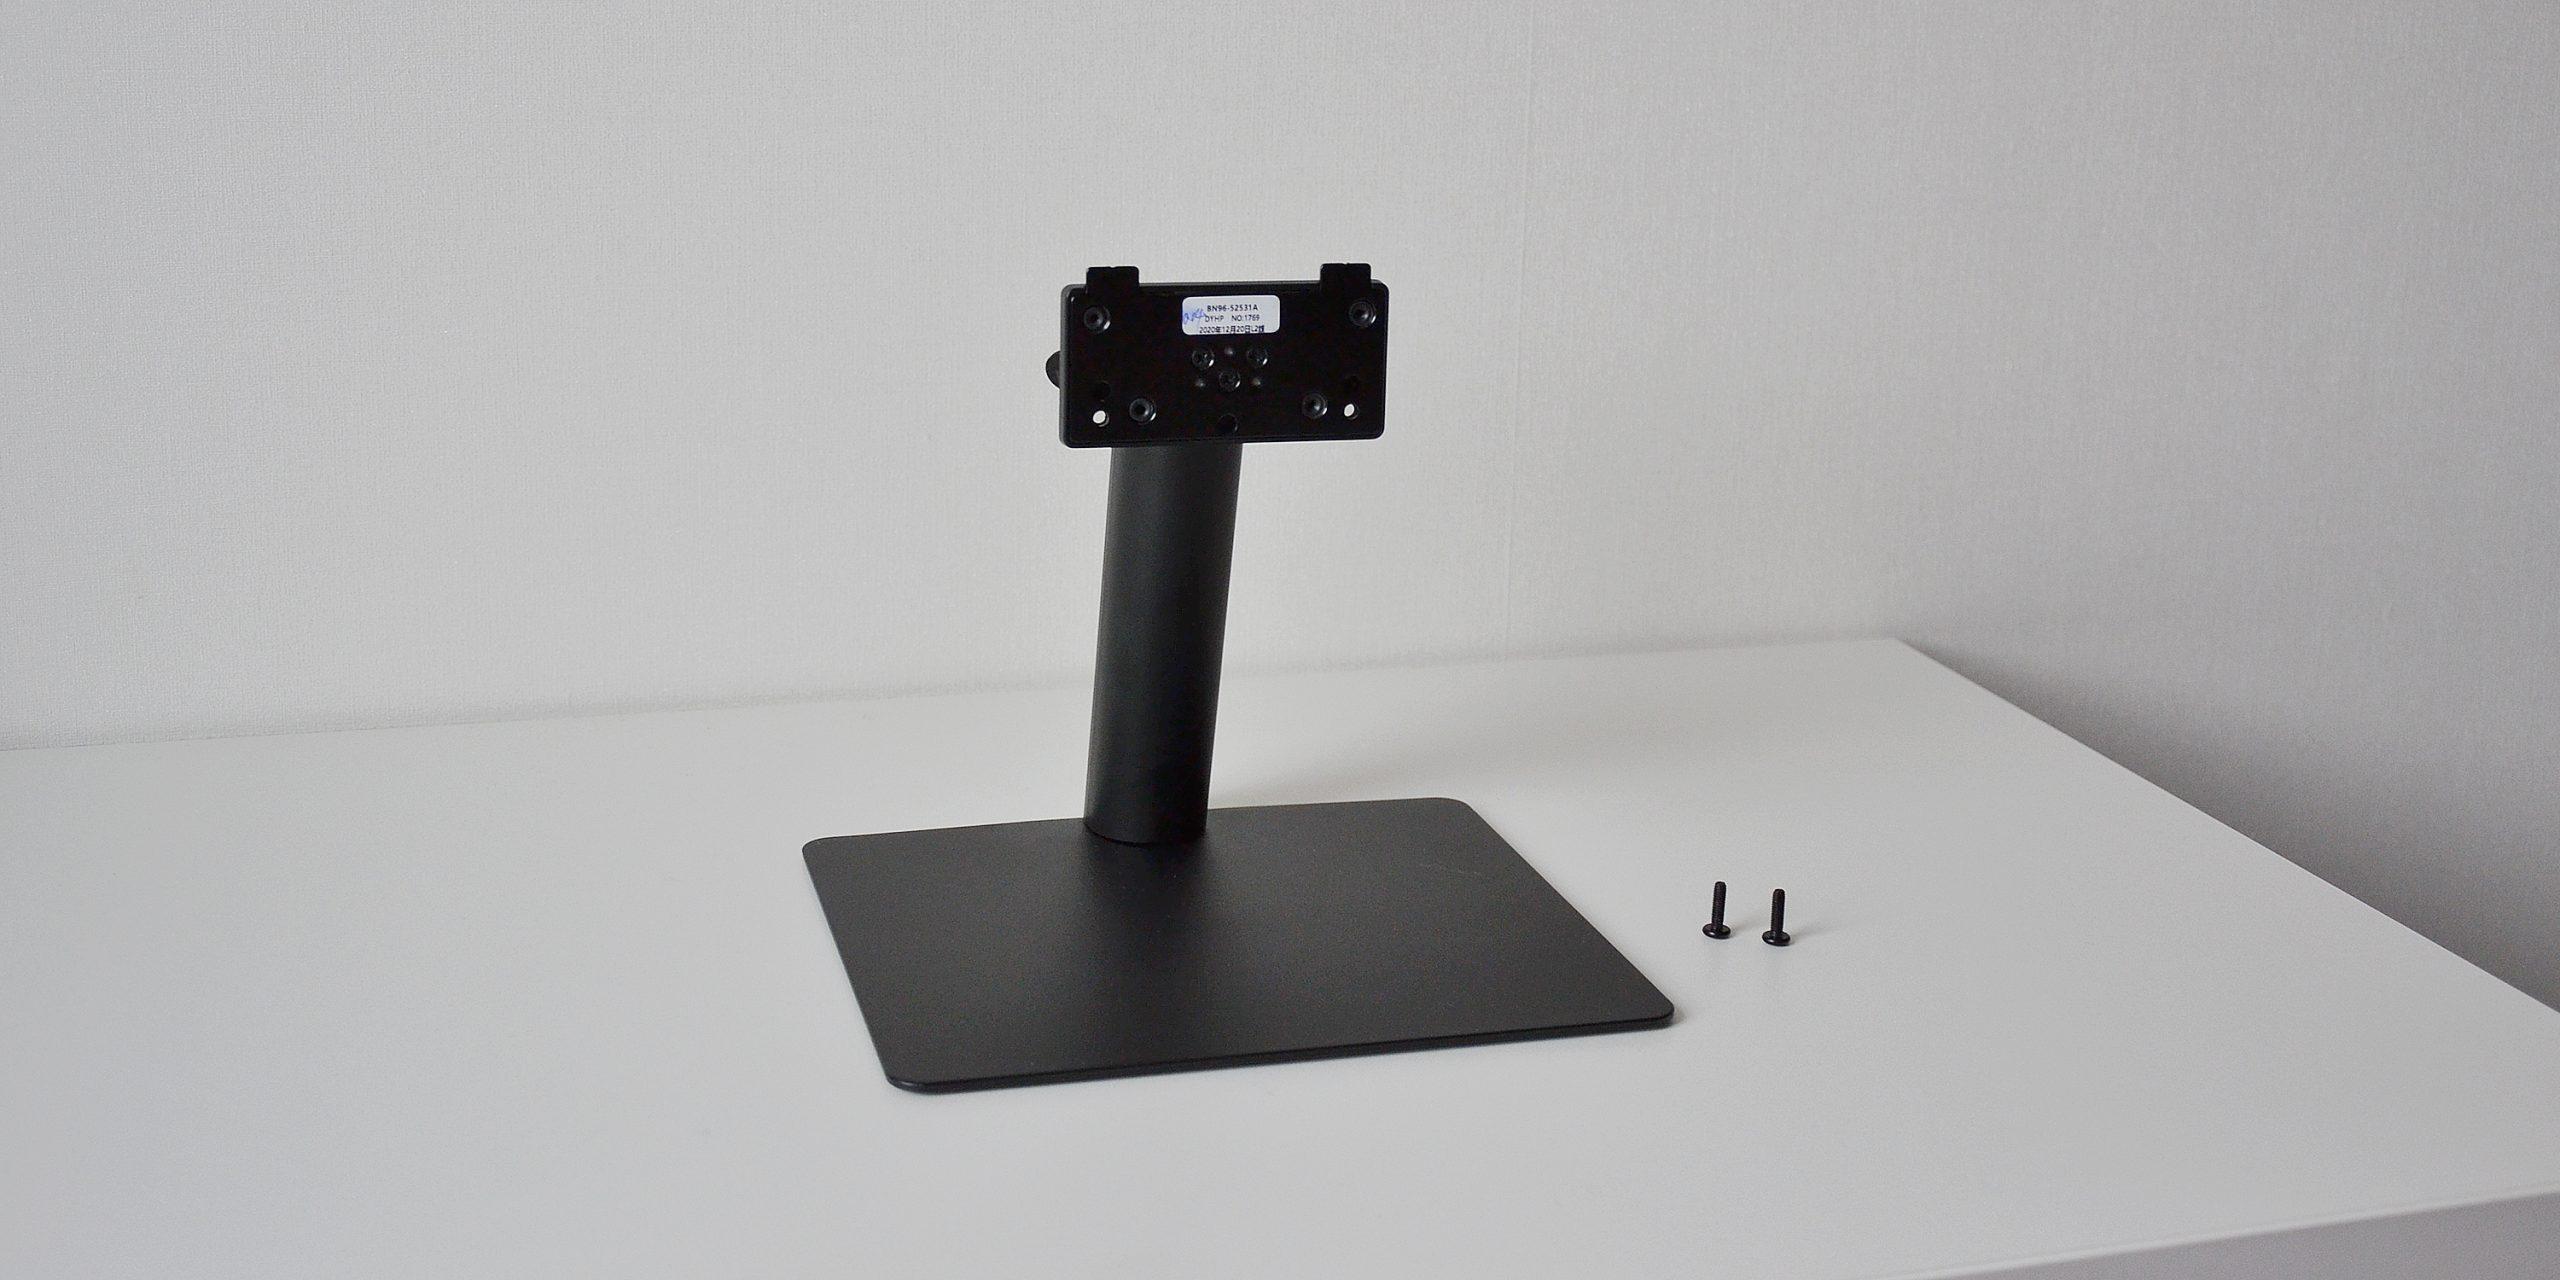 Обзор смарт-монитора Samsung M5: все крепежи идут в комплекте